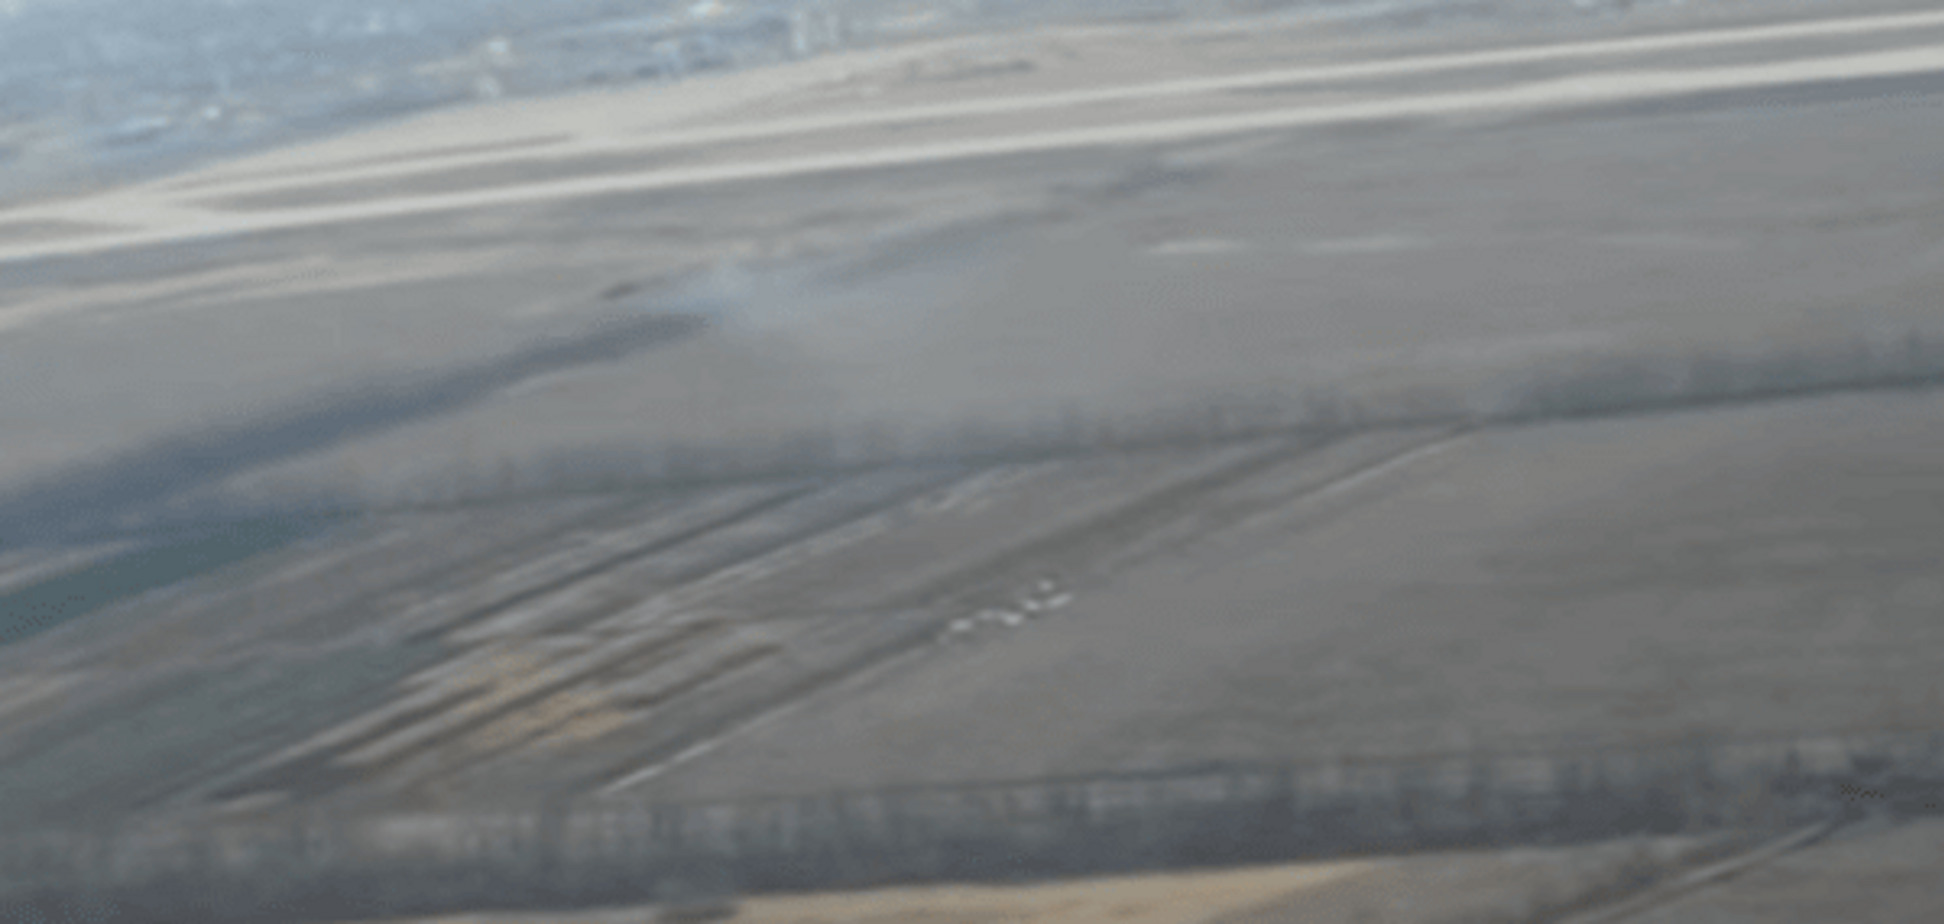 Ликвидация позиций террористов возле донецкого аэропорта украинской аэроразведкой